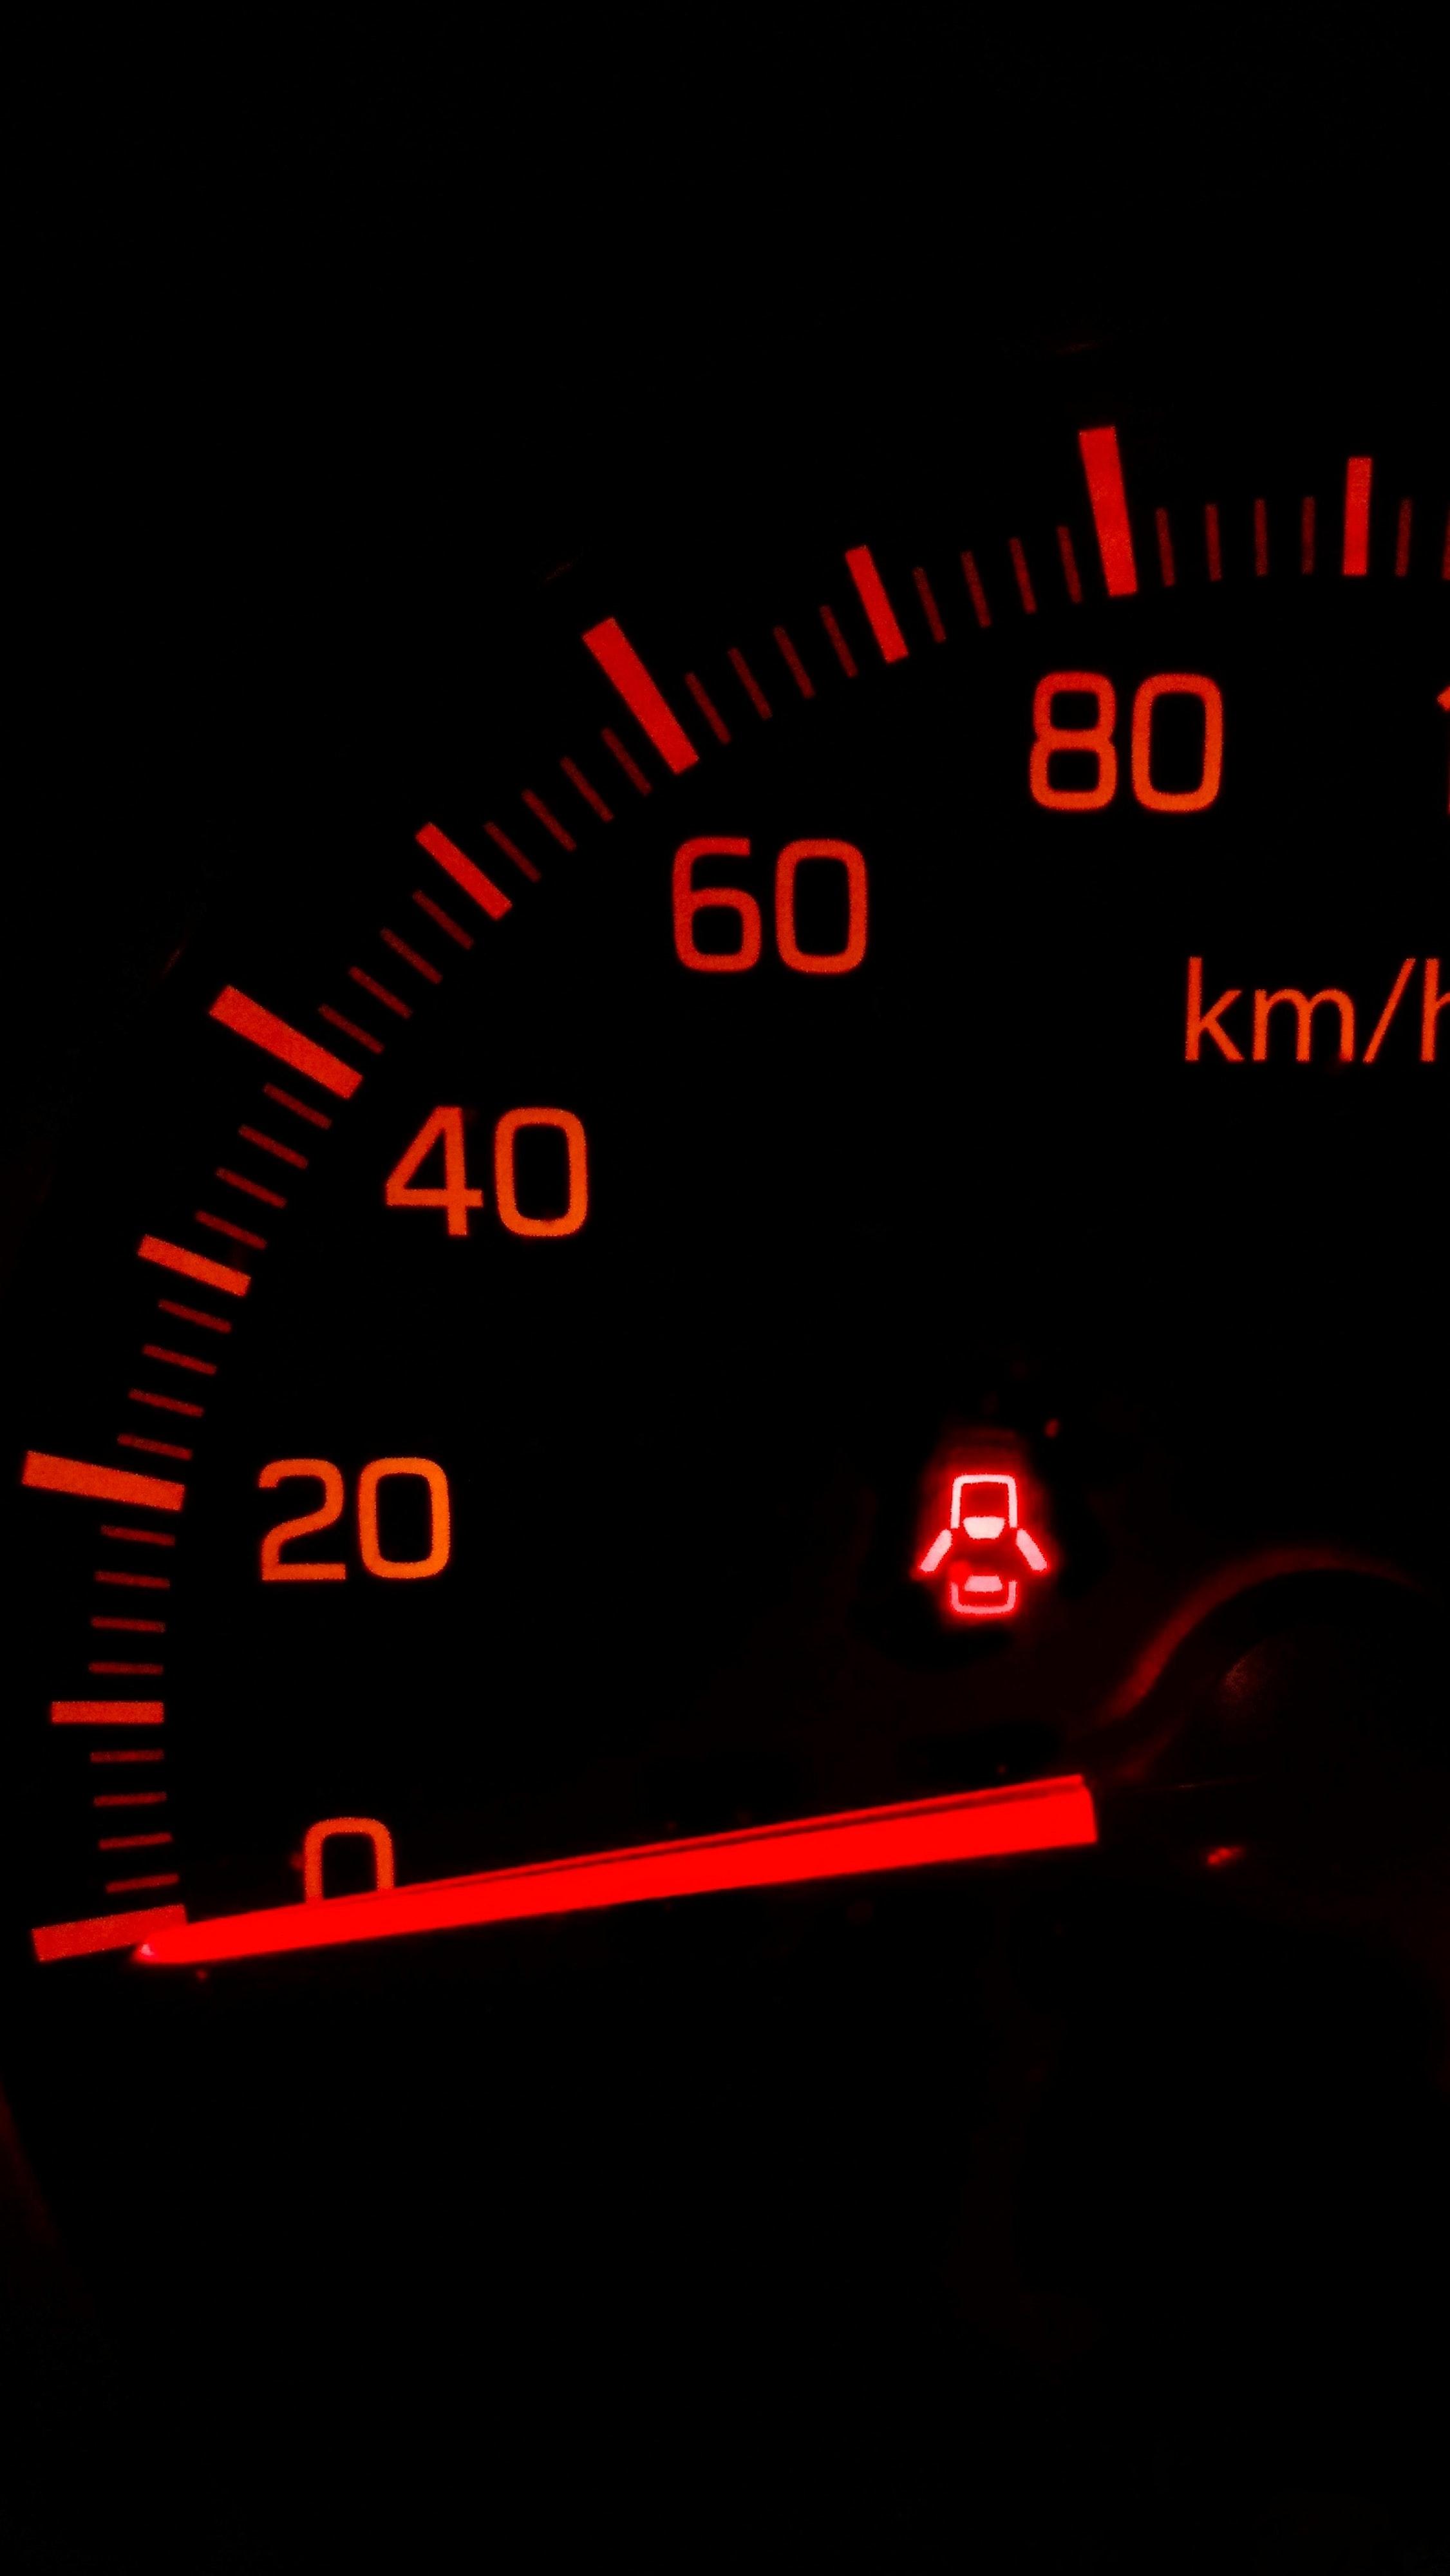 64242 Hintergrundbild herunterladen Cars, Pfeil, Neon, Tachometer, Tacho, Zahlen - Bildschirmschoner und Bilder kostenlos